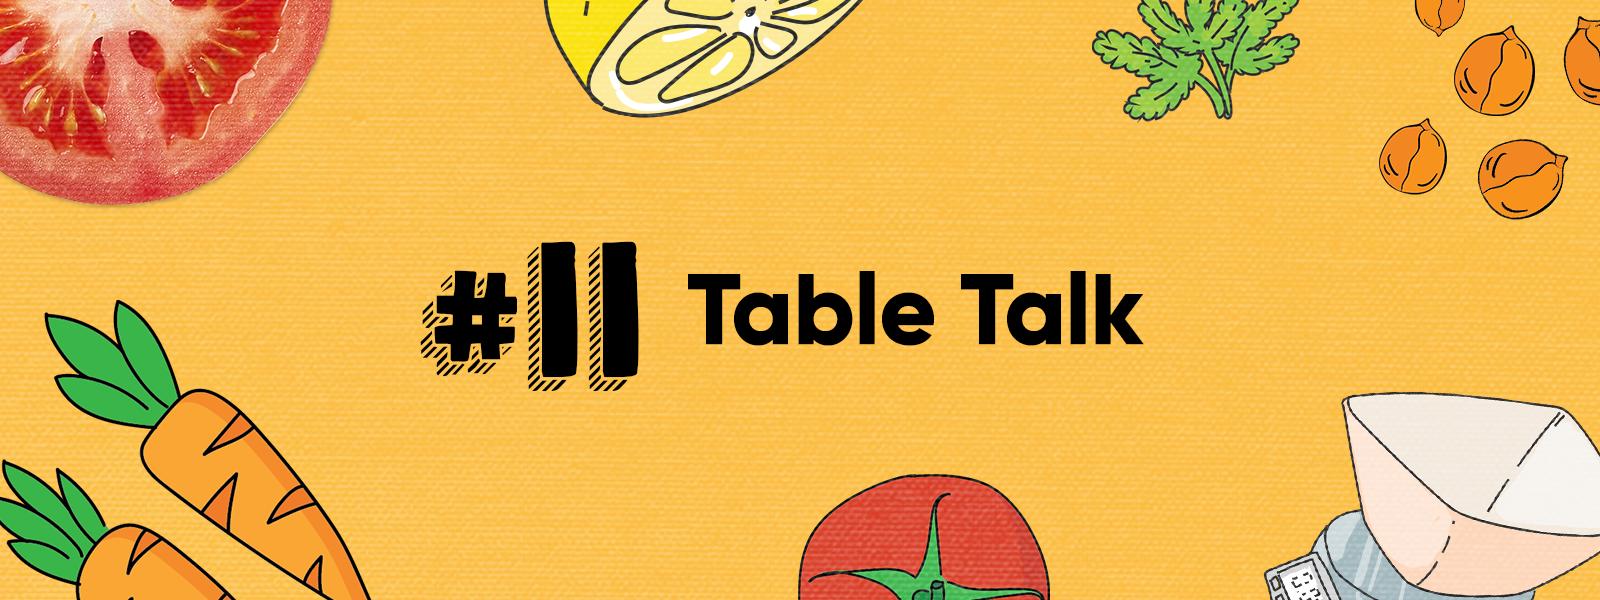 Skill 11: Table Talk